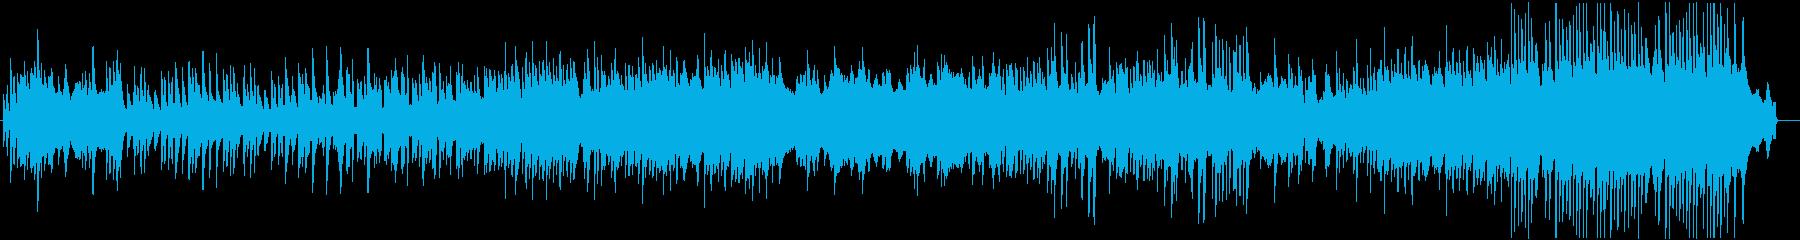 ピアノと弦楽器の静かなインスト曲の再生済みの波形